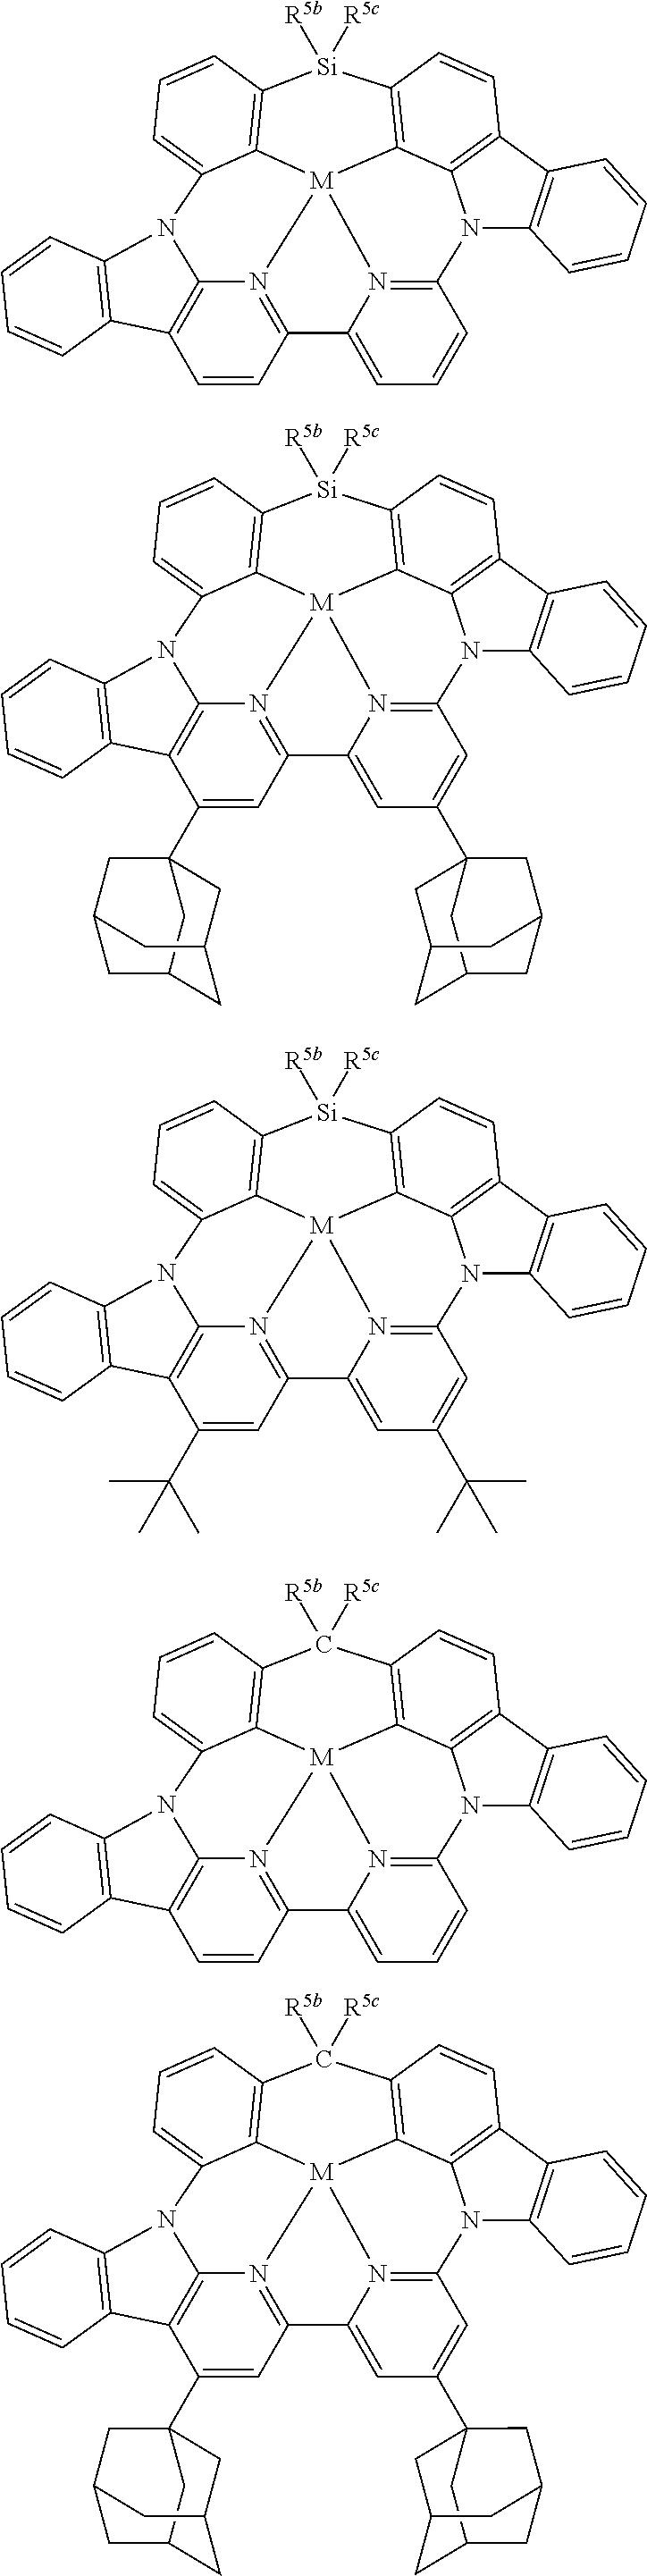 Figure US10158091-20181218-C00236